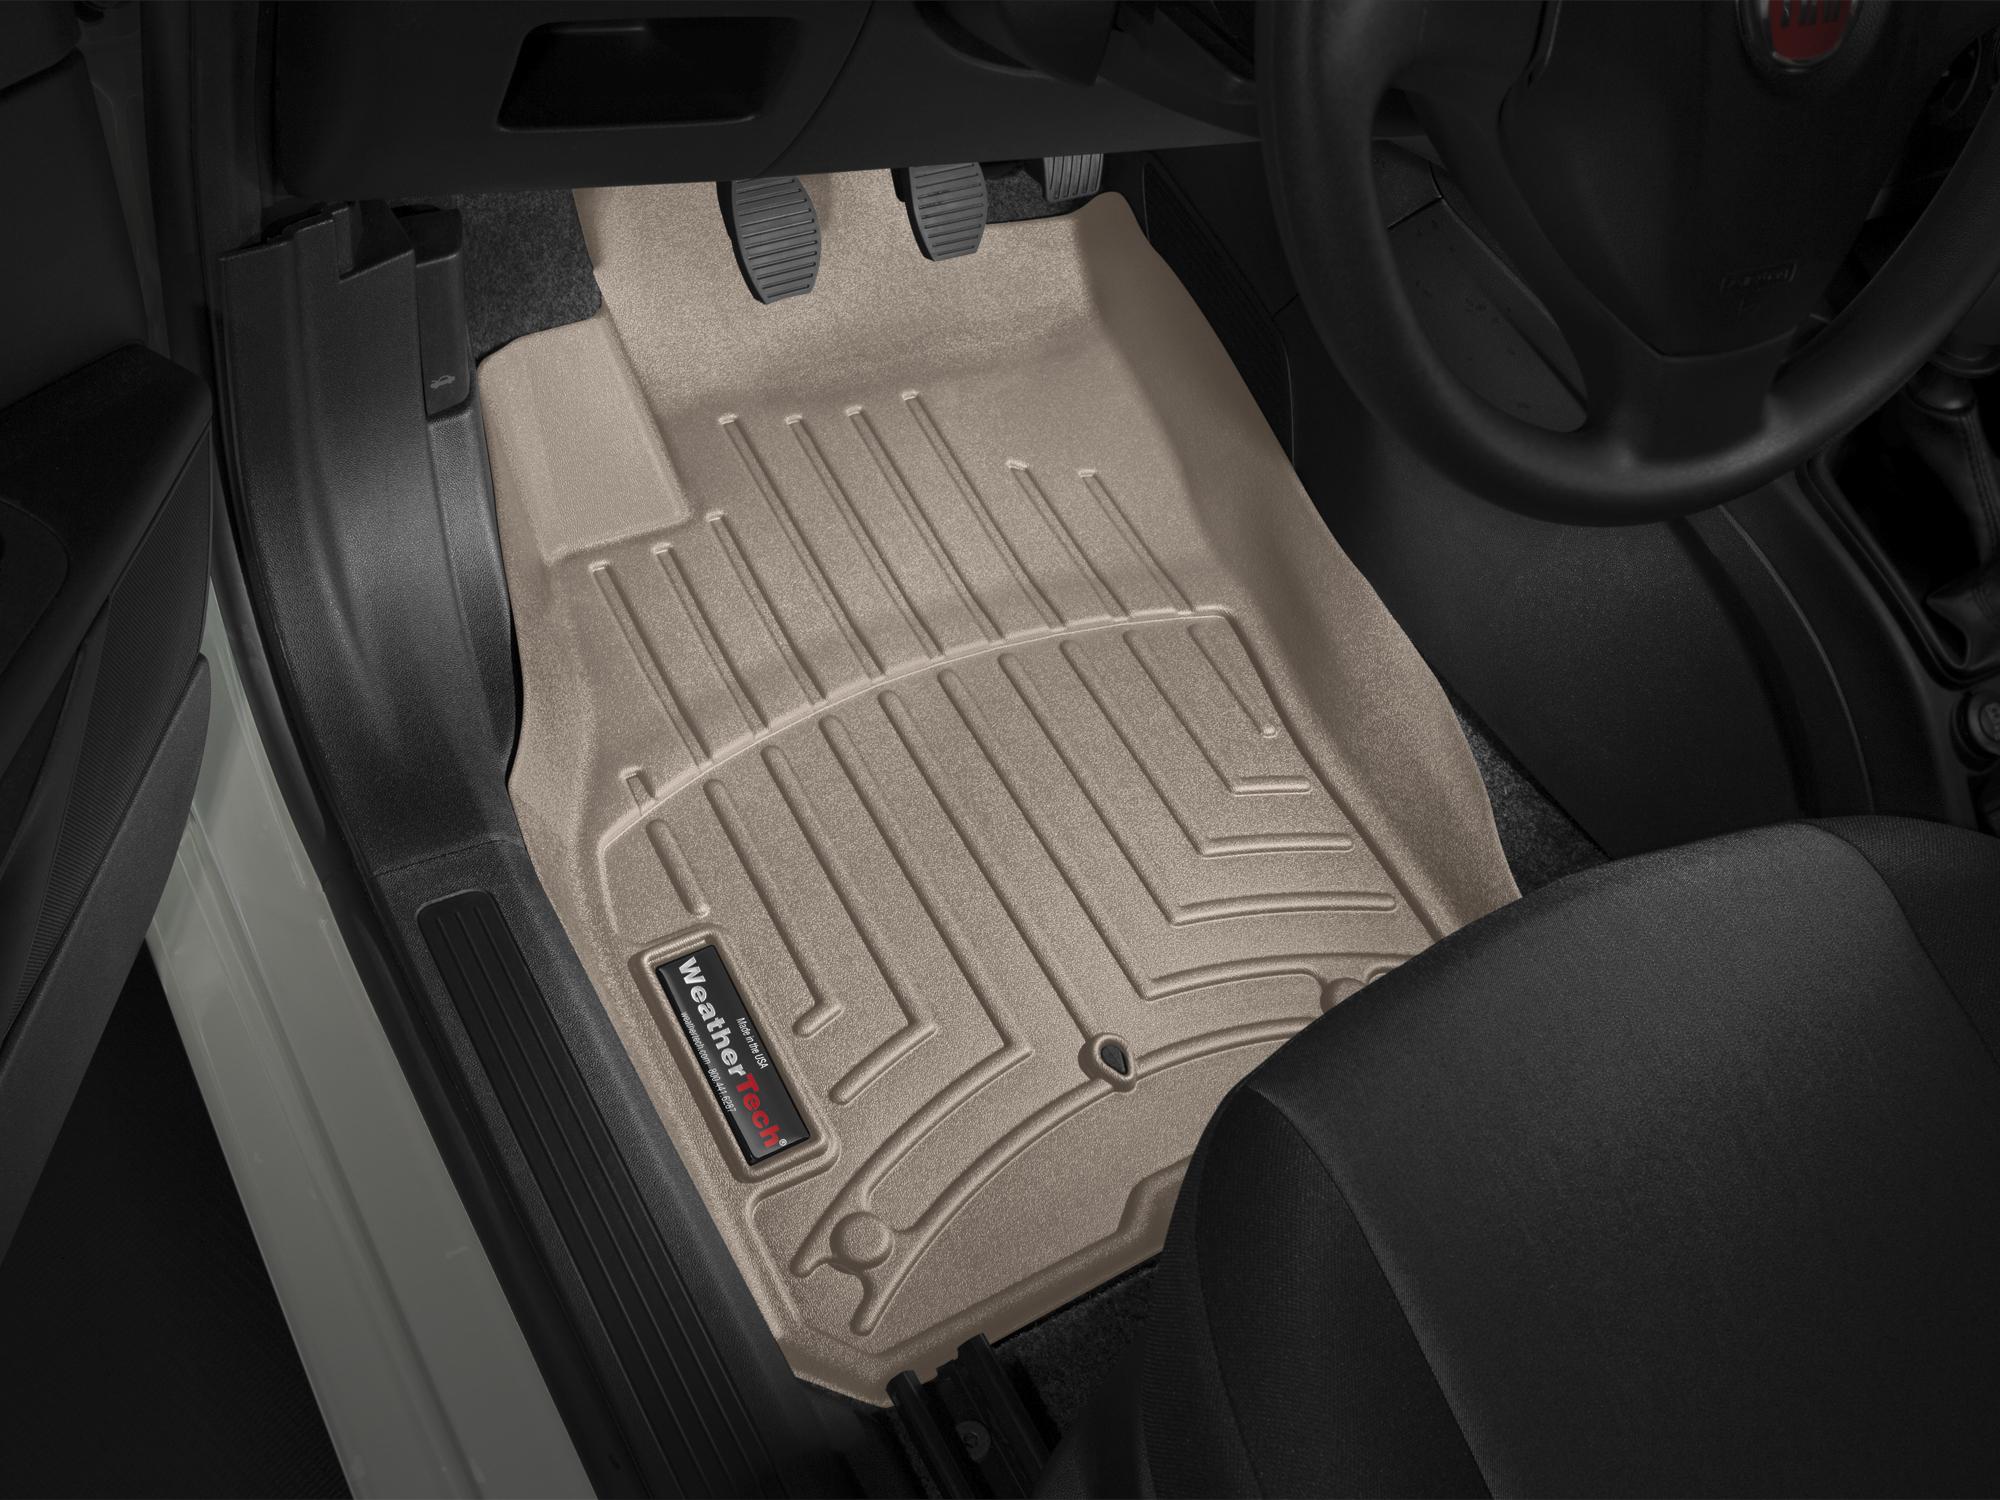 Tappeti gomma su misura bordo alto Fiat Punto EVO 09>13 Marrone A832*